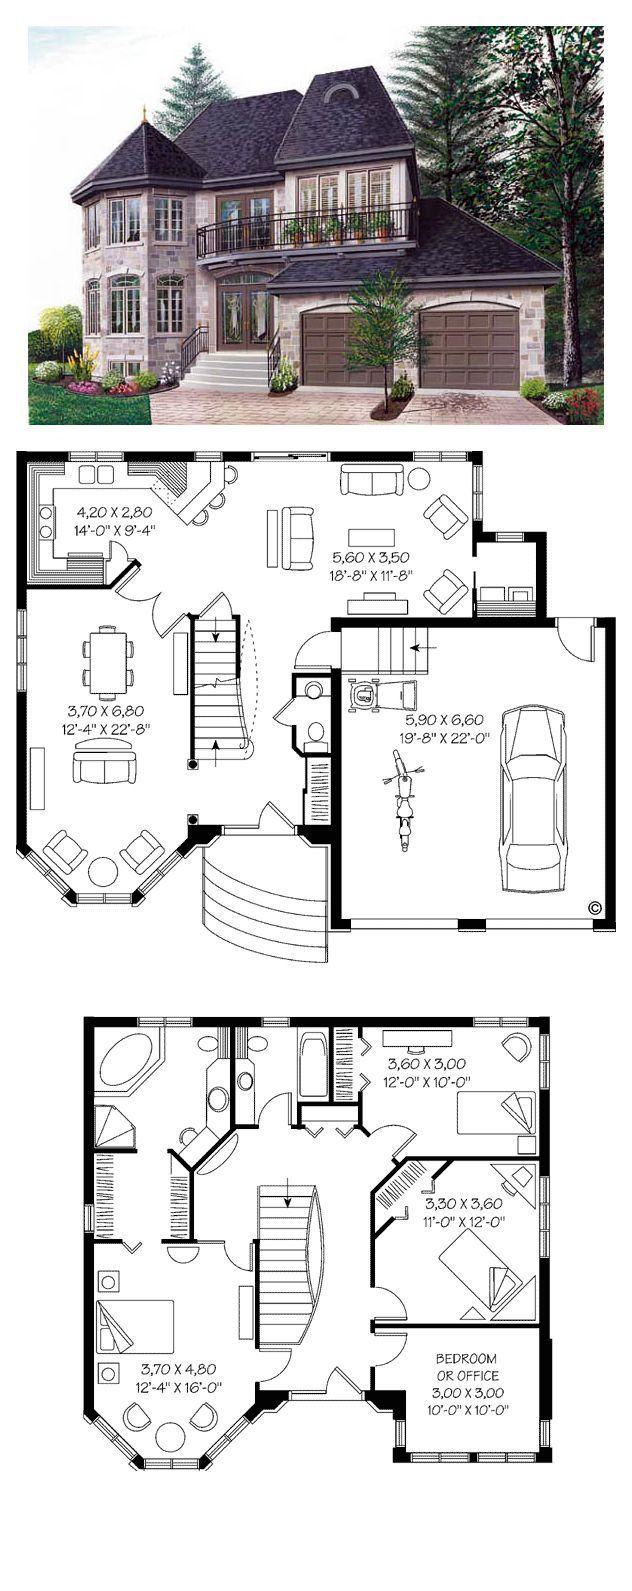 Plans maison en photos 2018 victorian house plan 65210 for Victorian house plans with photos